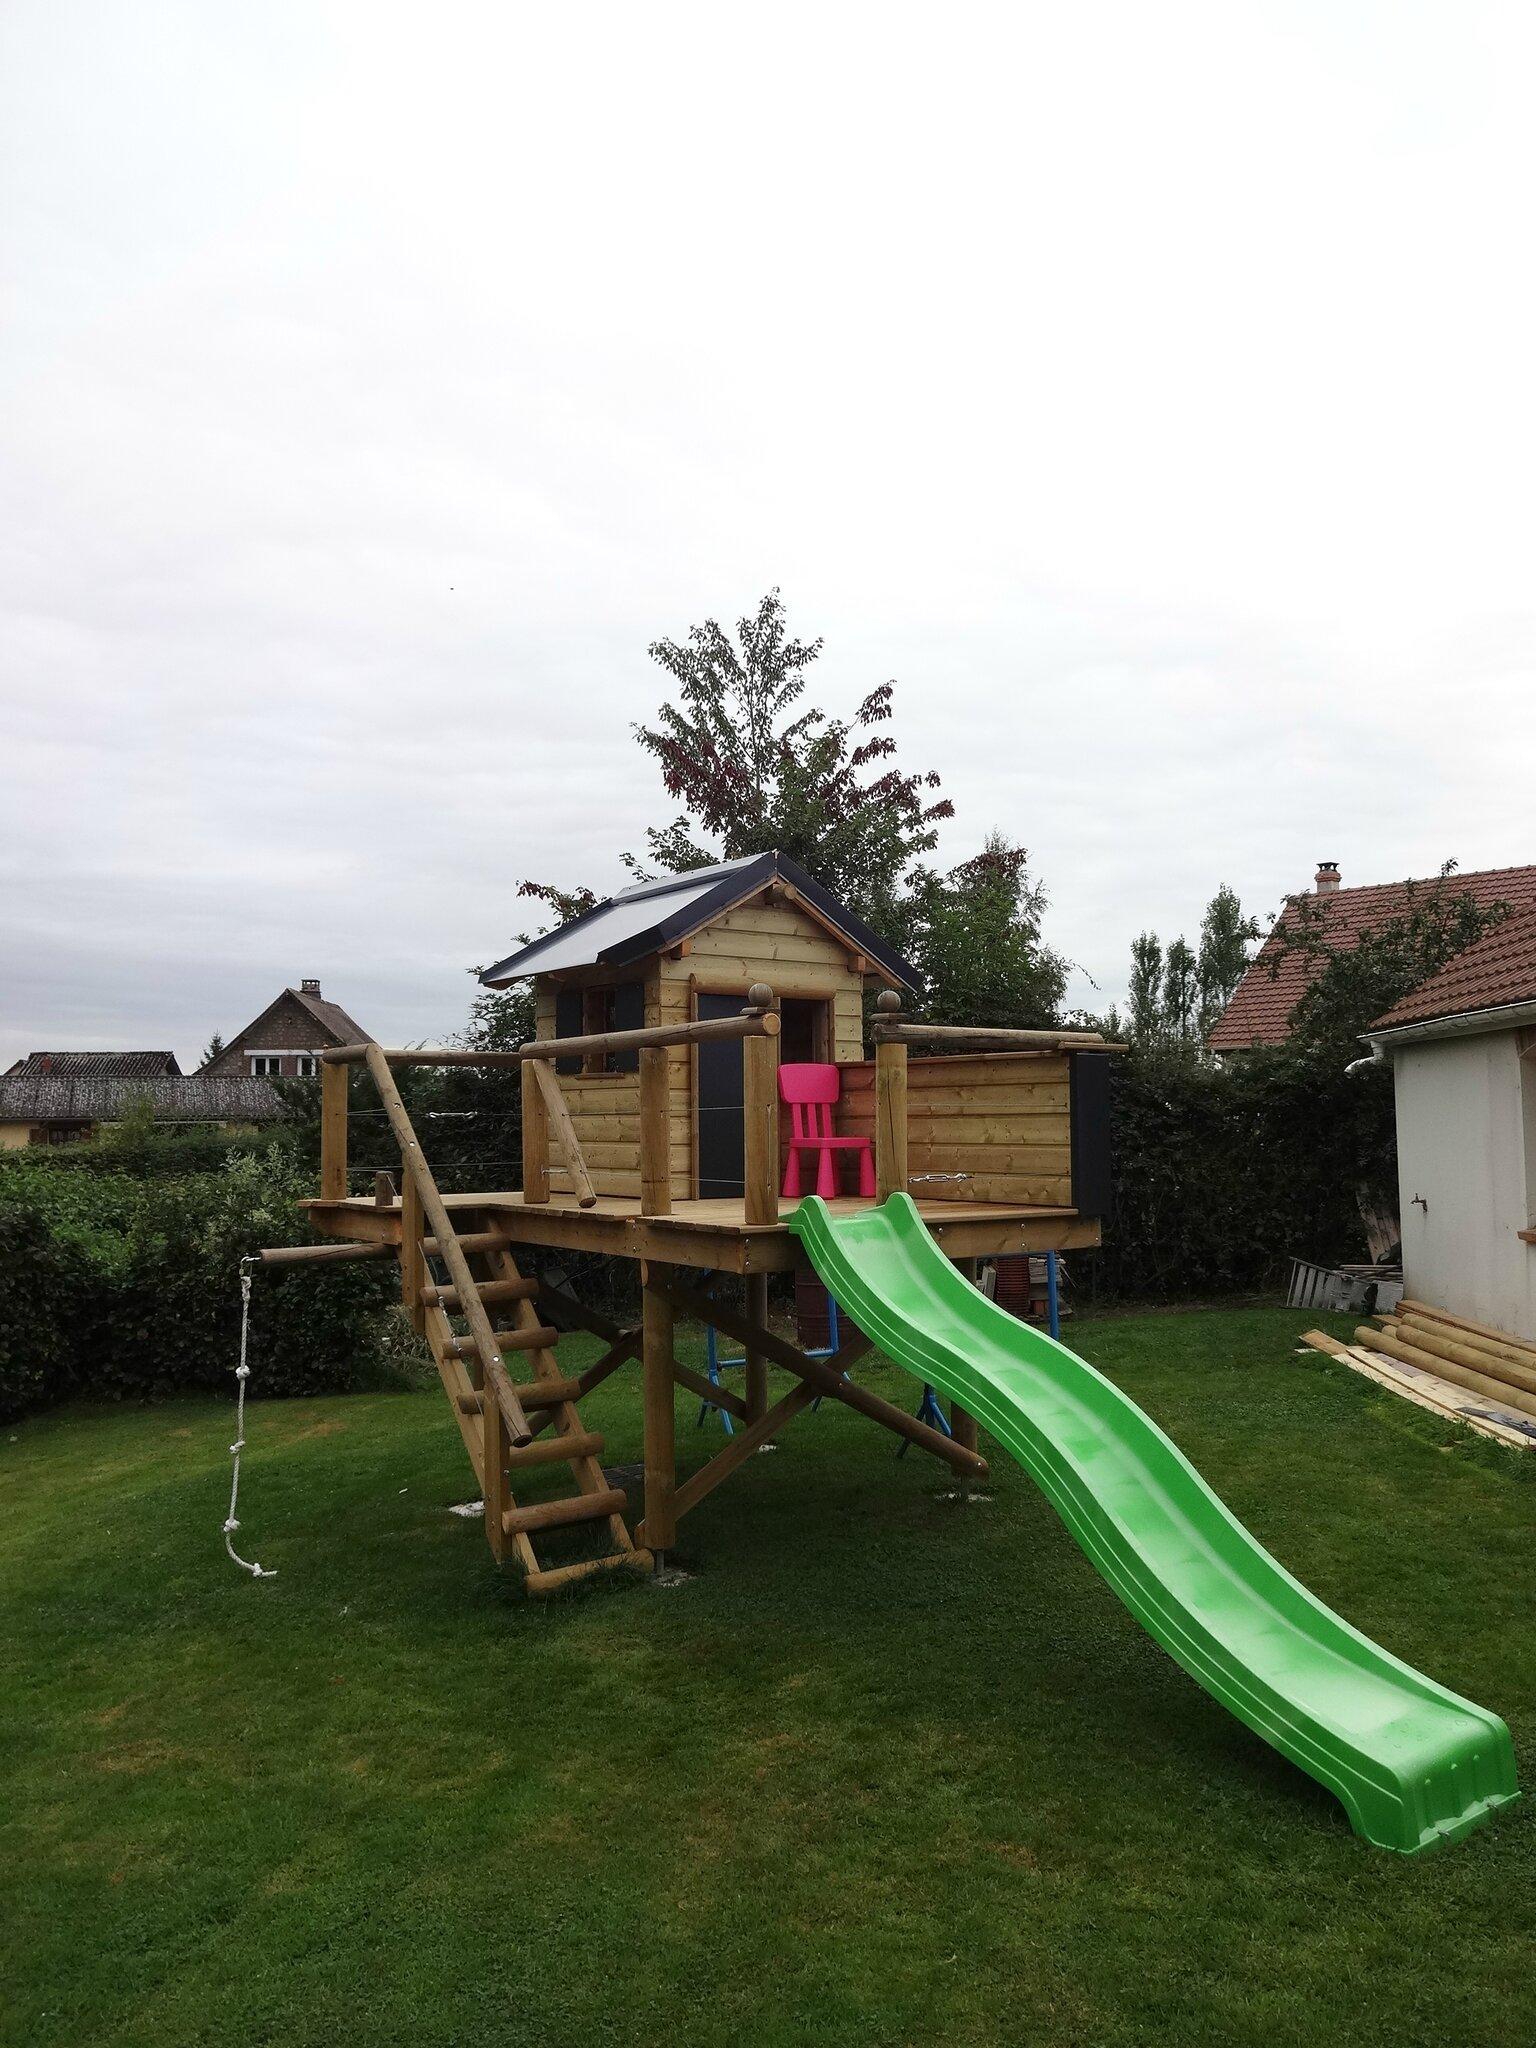 Construction Cabane Enfant dedans esteville (76) -travaux divers- construction d'une cabane d'enfants